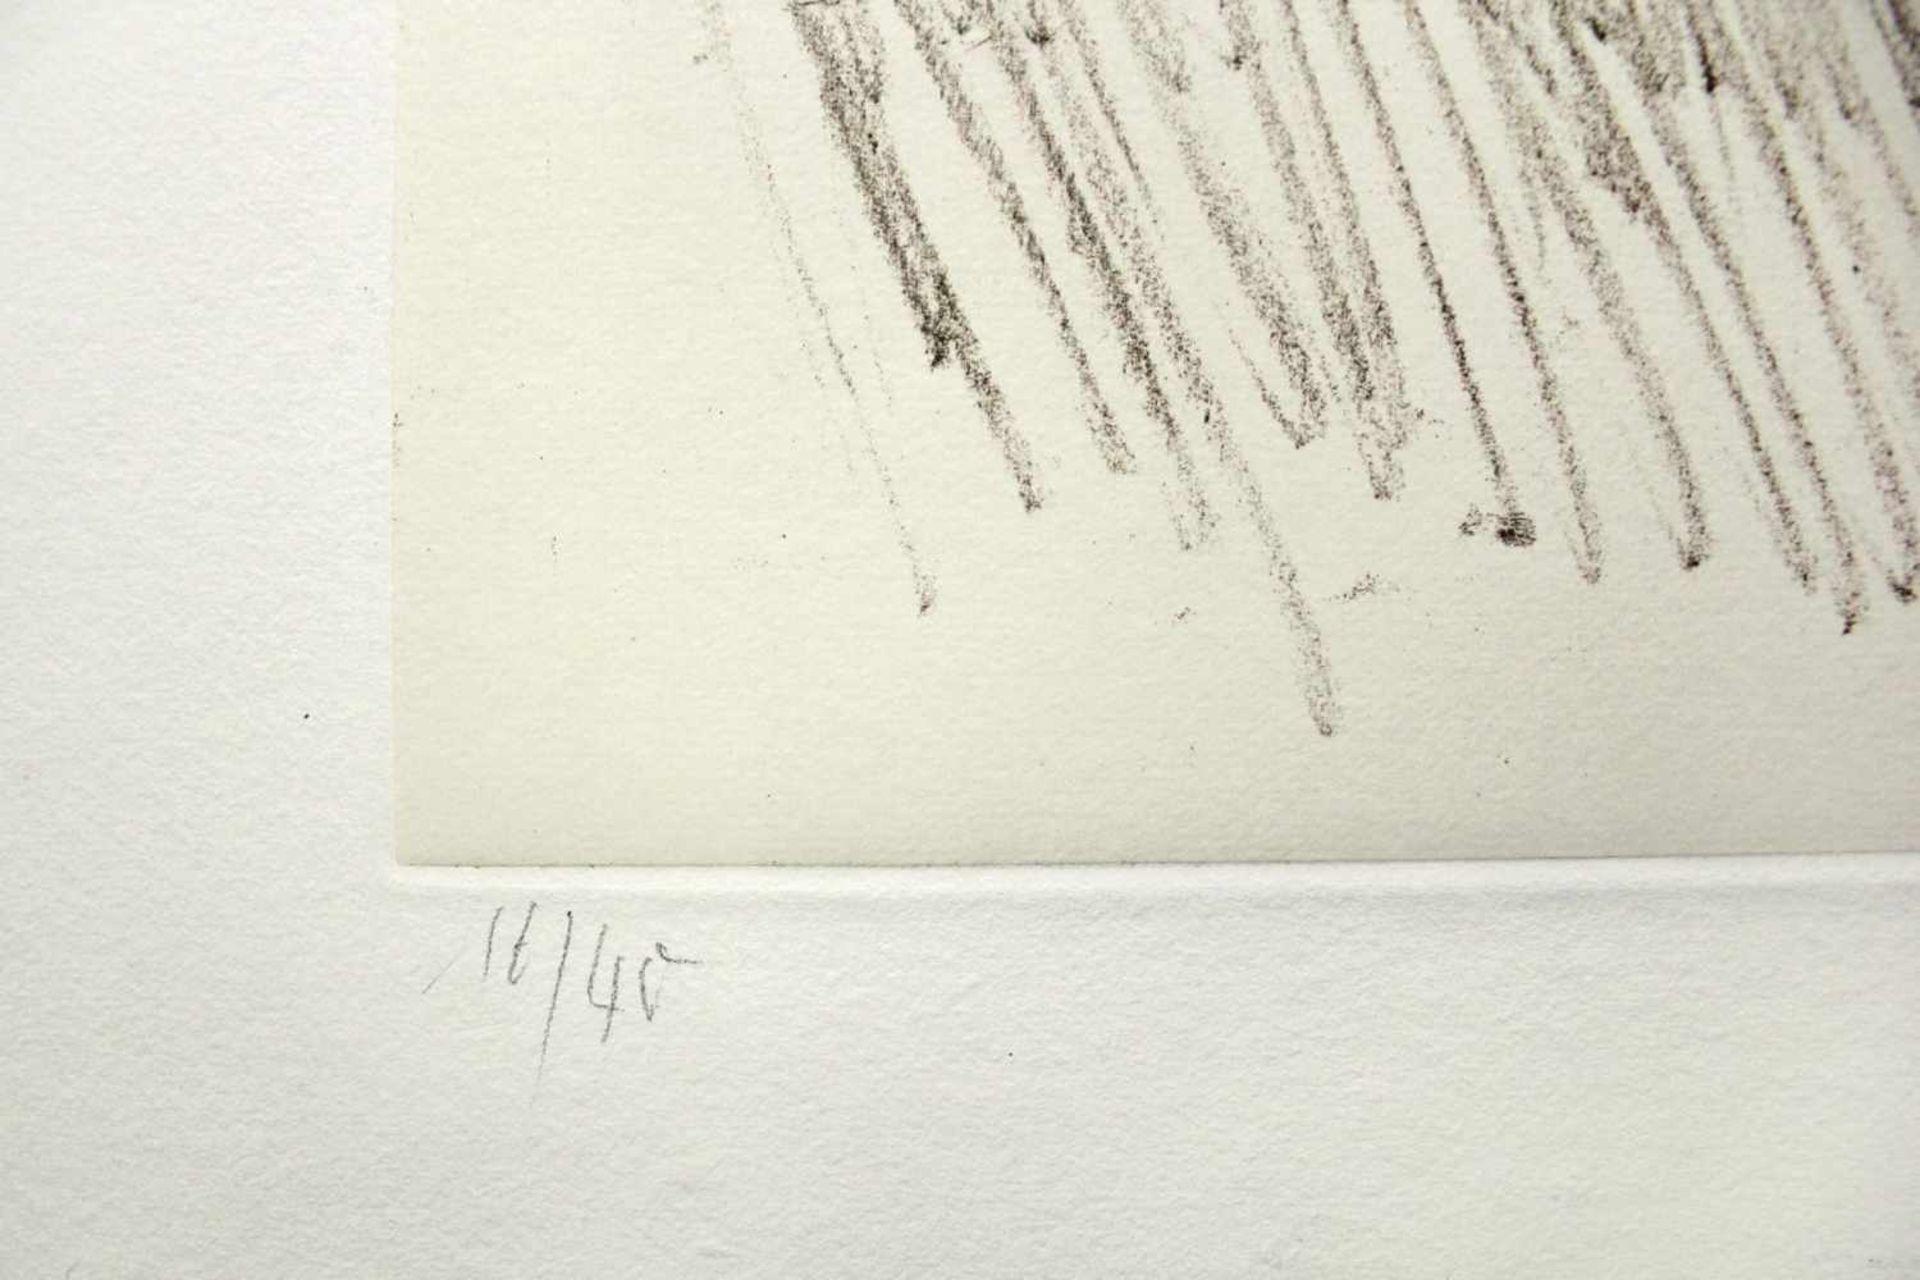 Raimund Girke 1930-2002 o.T. 1991 Radierung auf Rives-Bütten - collagiert handsigniert, datiert - Bild 3 aus 3